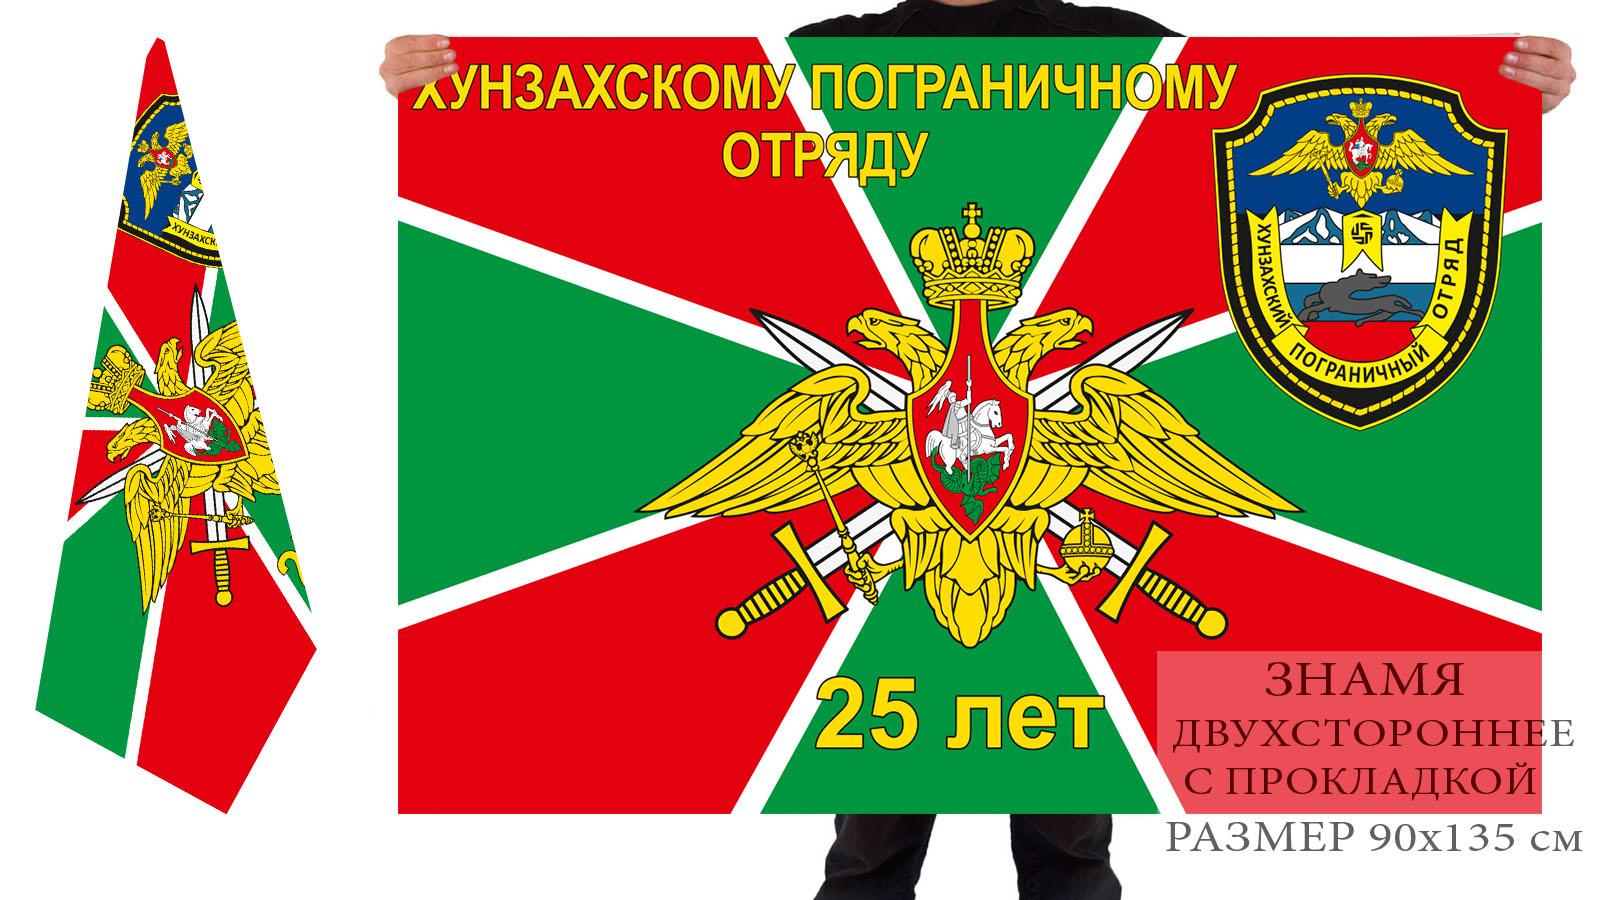 Двусторонний флаг к 25-летию Хунзахского Пограничного отряда